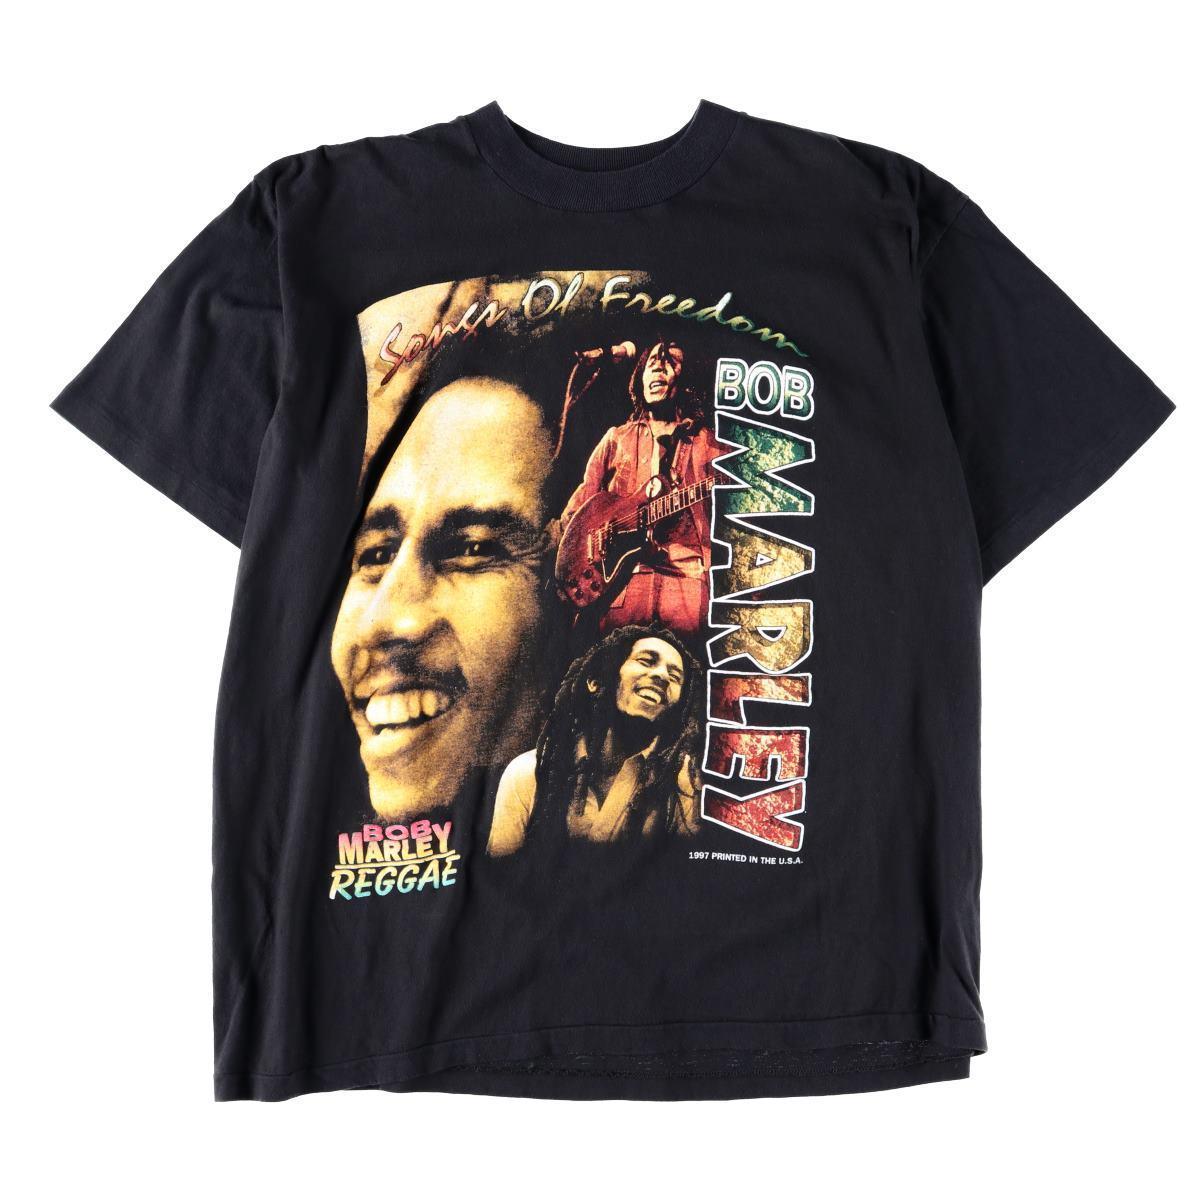 90年代 BOB MARLEY ボブマーリー WHO THE CAP FIT SO LET THEM WEAR IT バンドTシャツ メンズXL ヴィンテージ /wbb7131 【中古】 【190502】【SVTG】